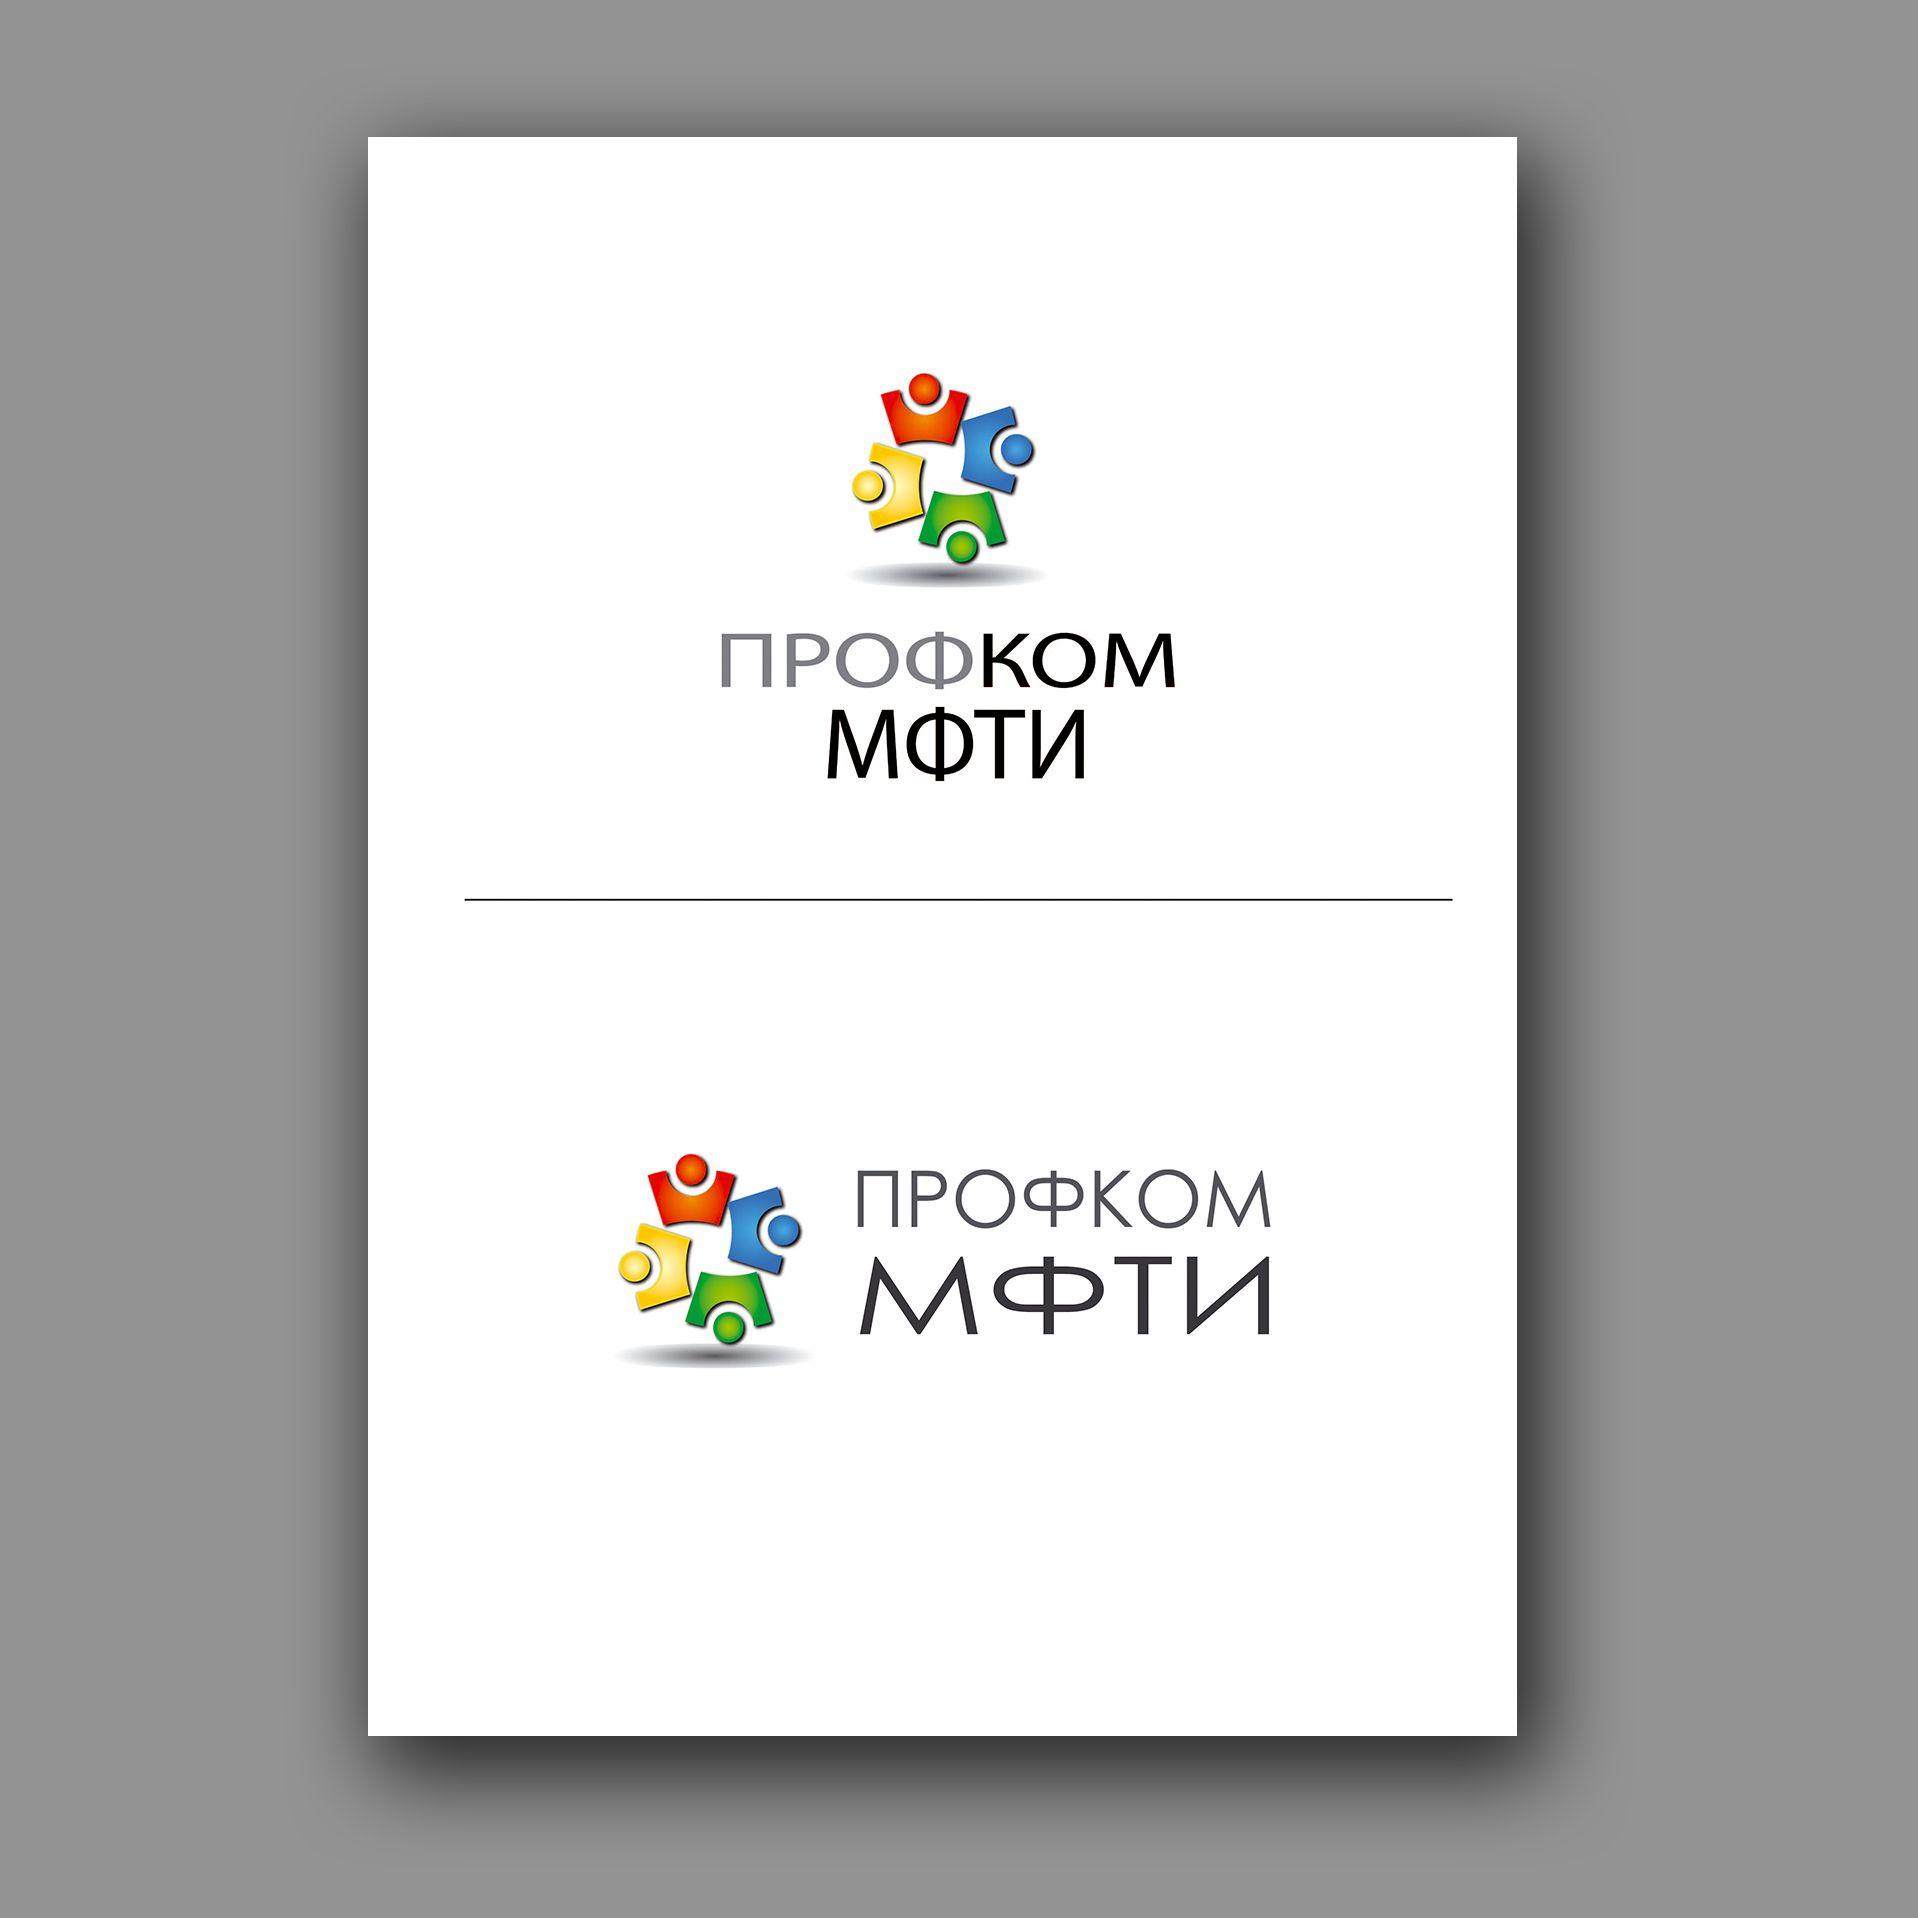 Фирменный стиль для профкома МФТИ - дизайнер indus-v-v